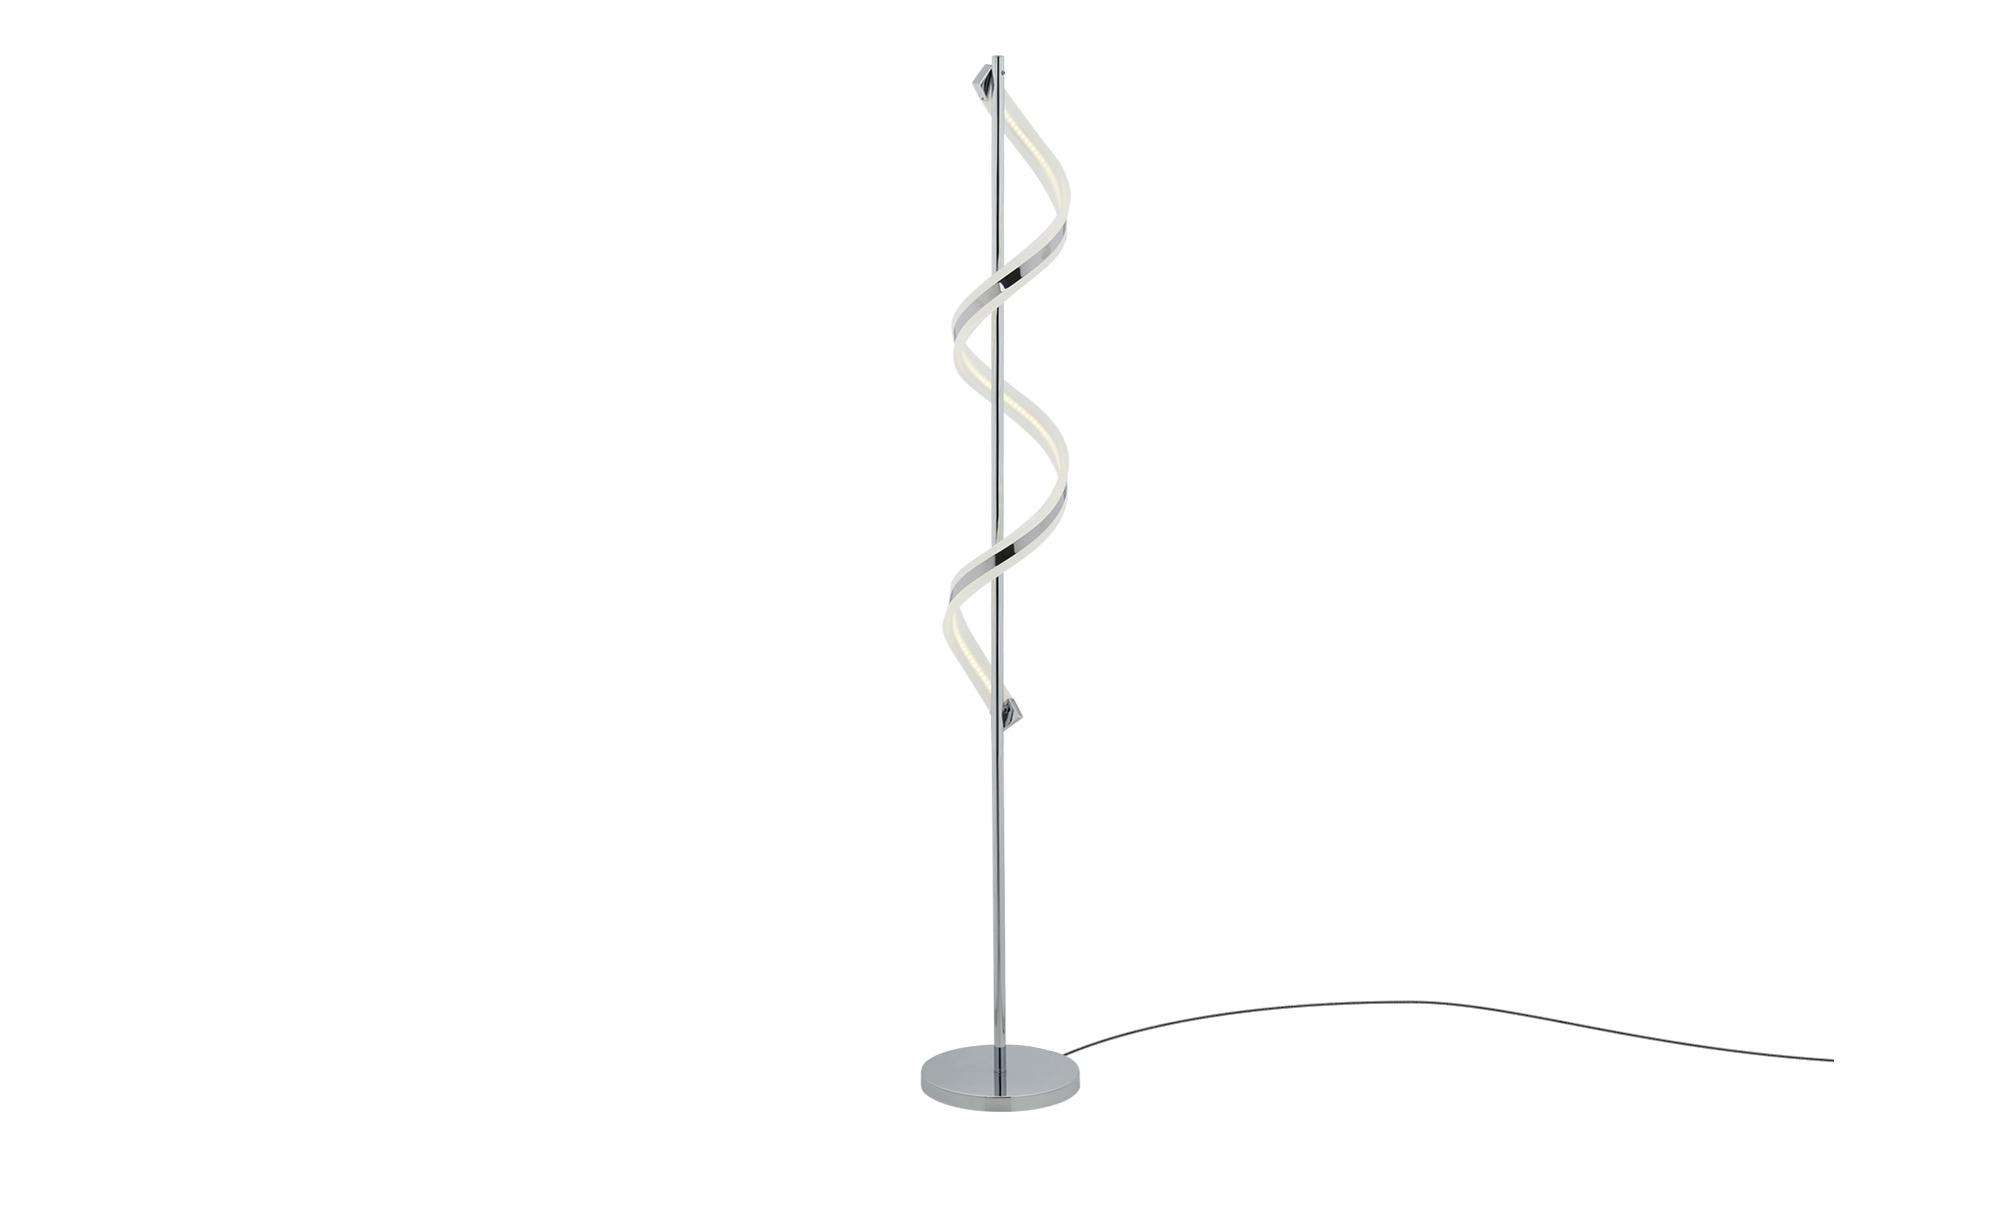 Trio LED-Stehleuchte, chrom, Acryl geschwungen ¦ silber ¦ Maße (cm): H: 162 Ø: 25 Lampen & Leuchten > Innenleuchten > Stehlampen - Höffner